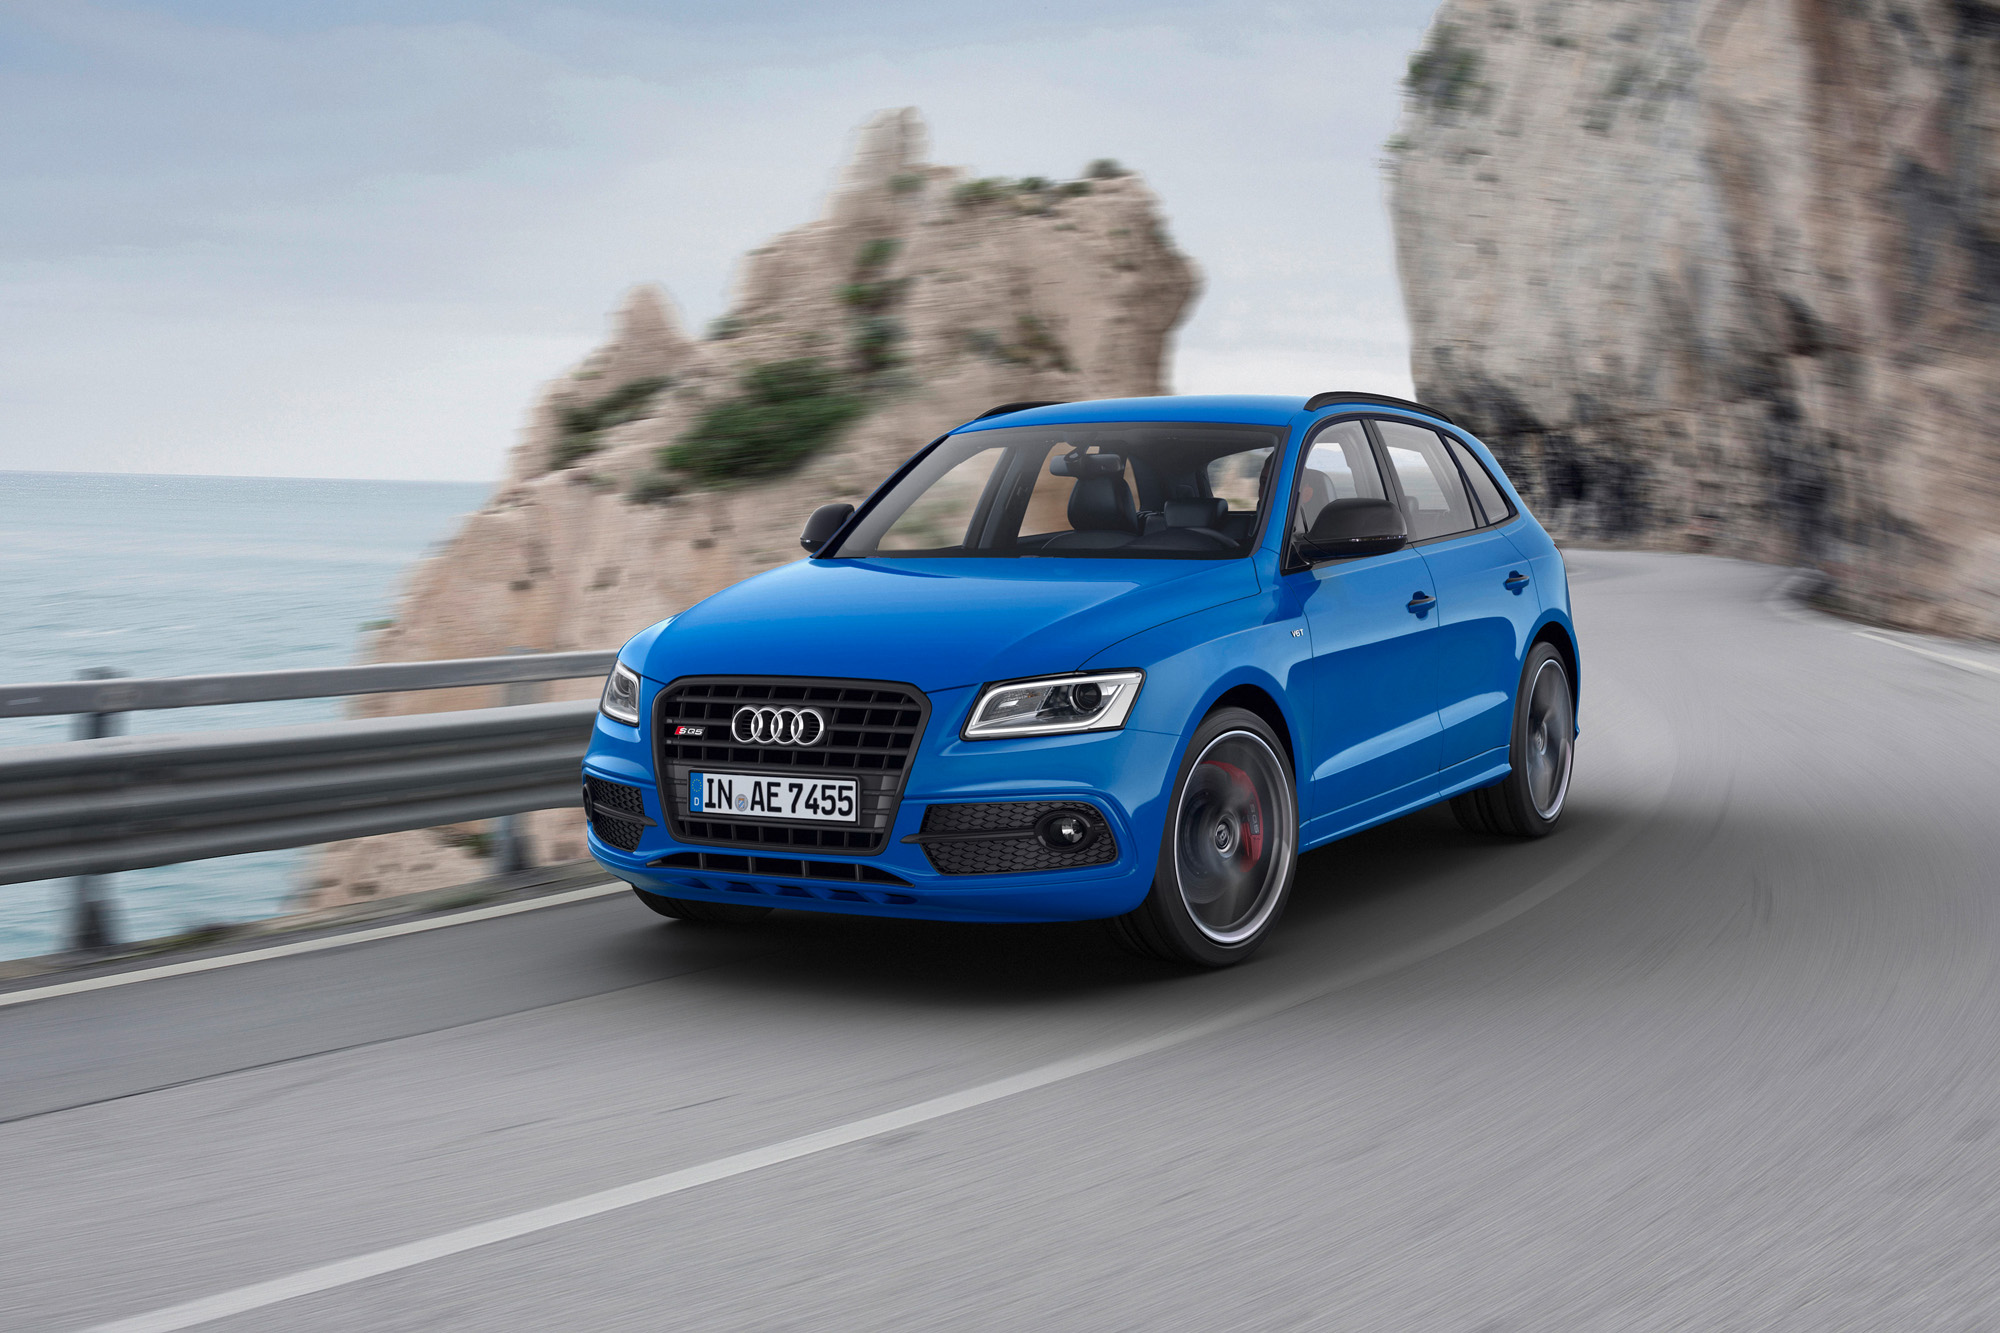 Schwungvoll durch die Kurven: Mit bis zu 360 PS und 700 Nm ein gekonntes Unterfangen für den Audi SQ5 TDI plus.